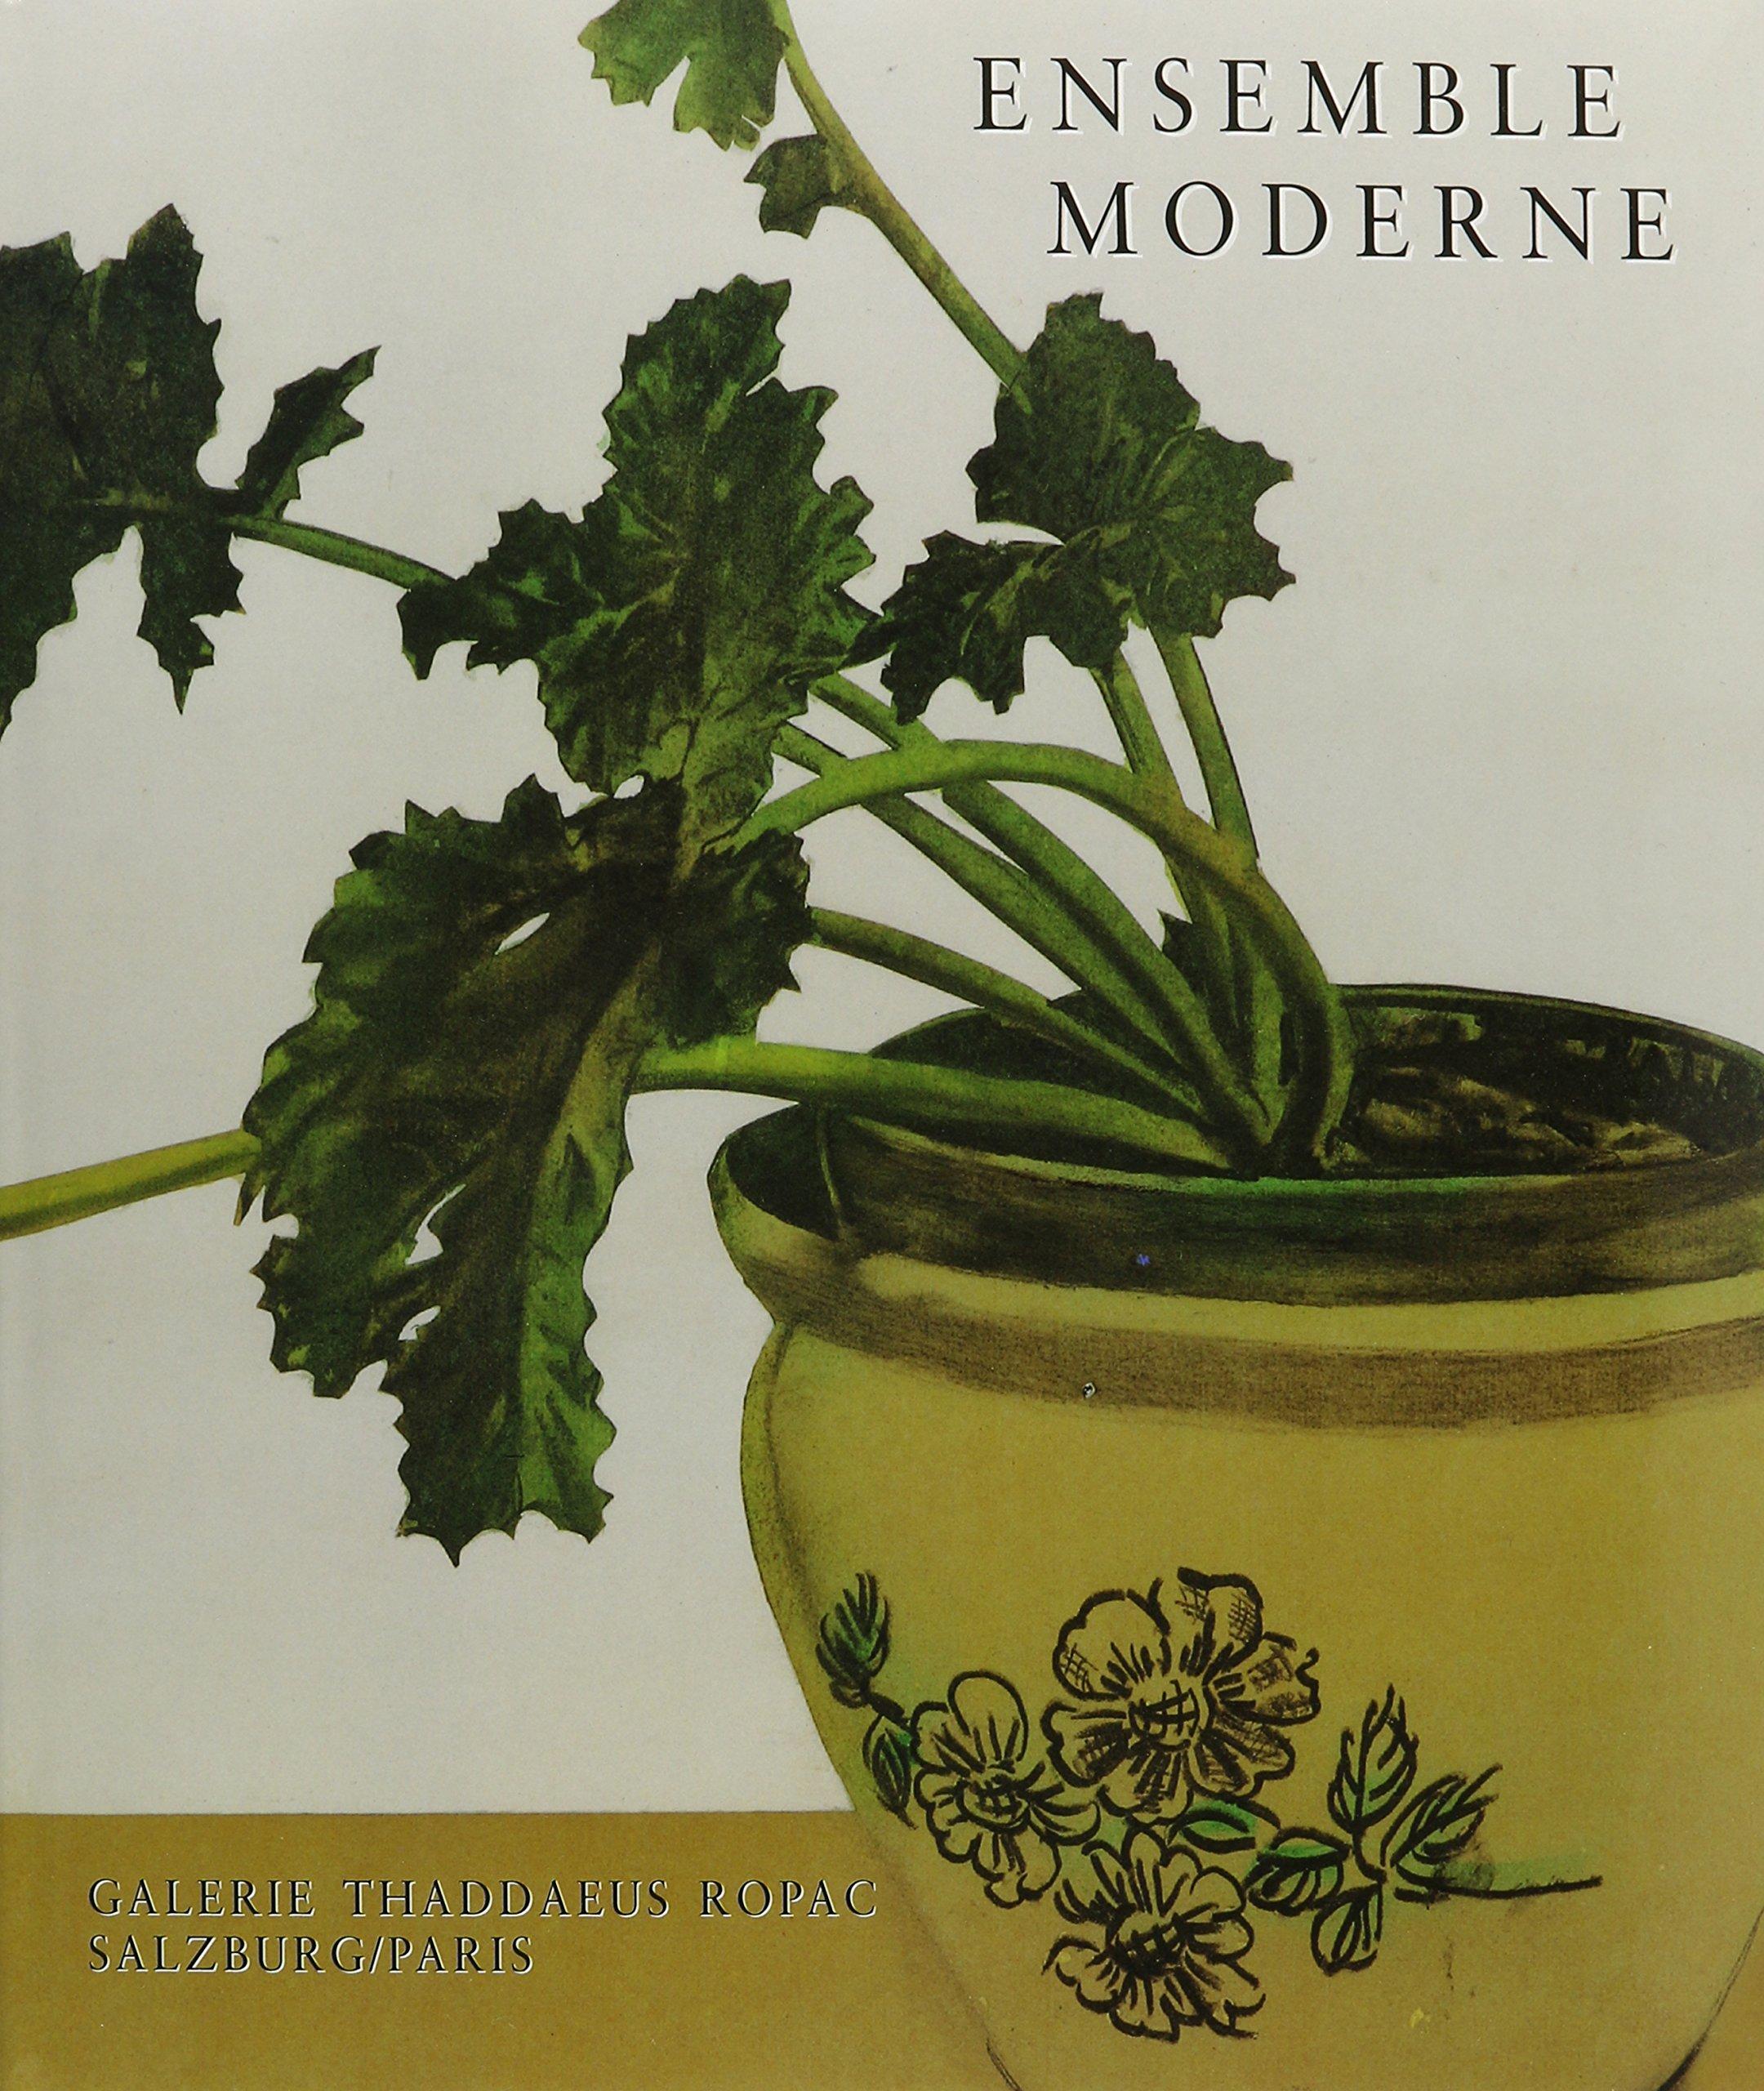 Ensemble Moderne: The Still Life in Modern Art